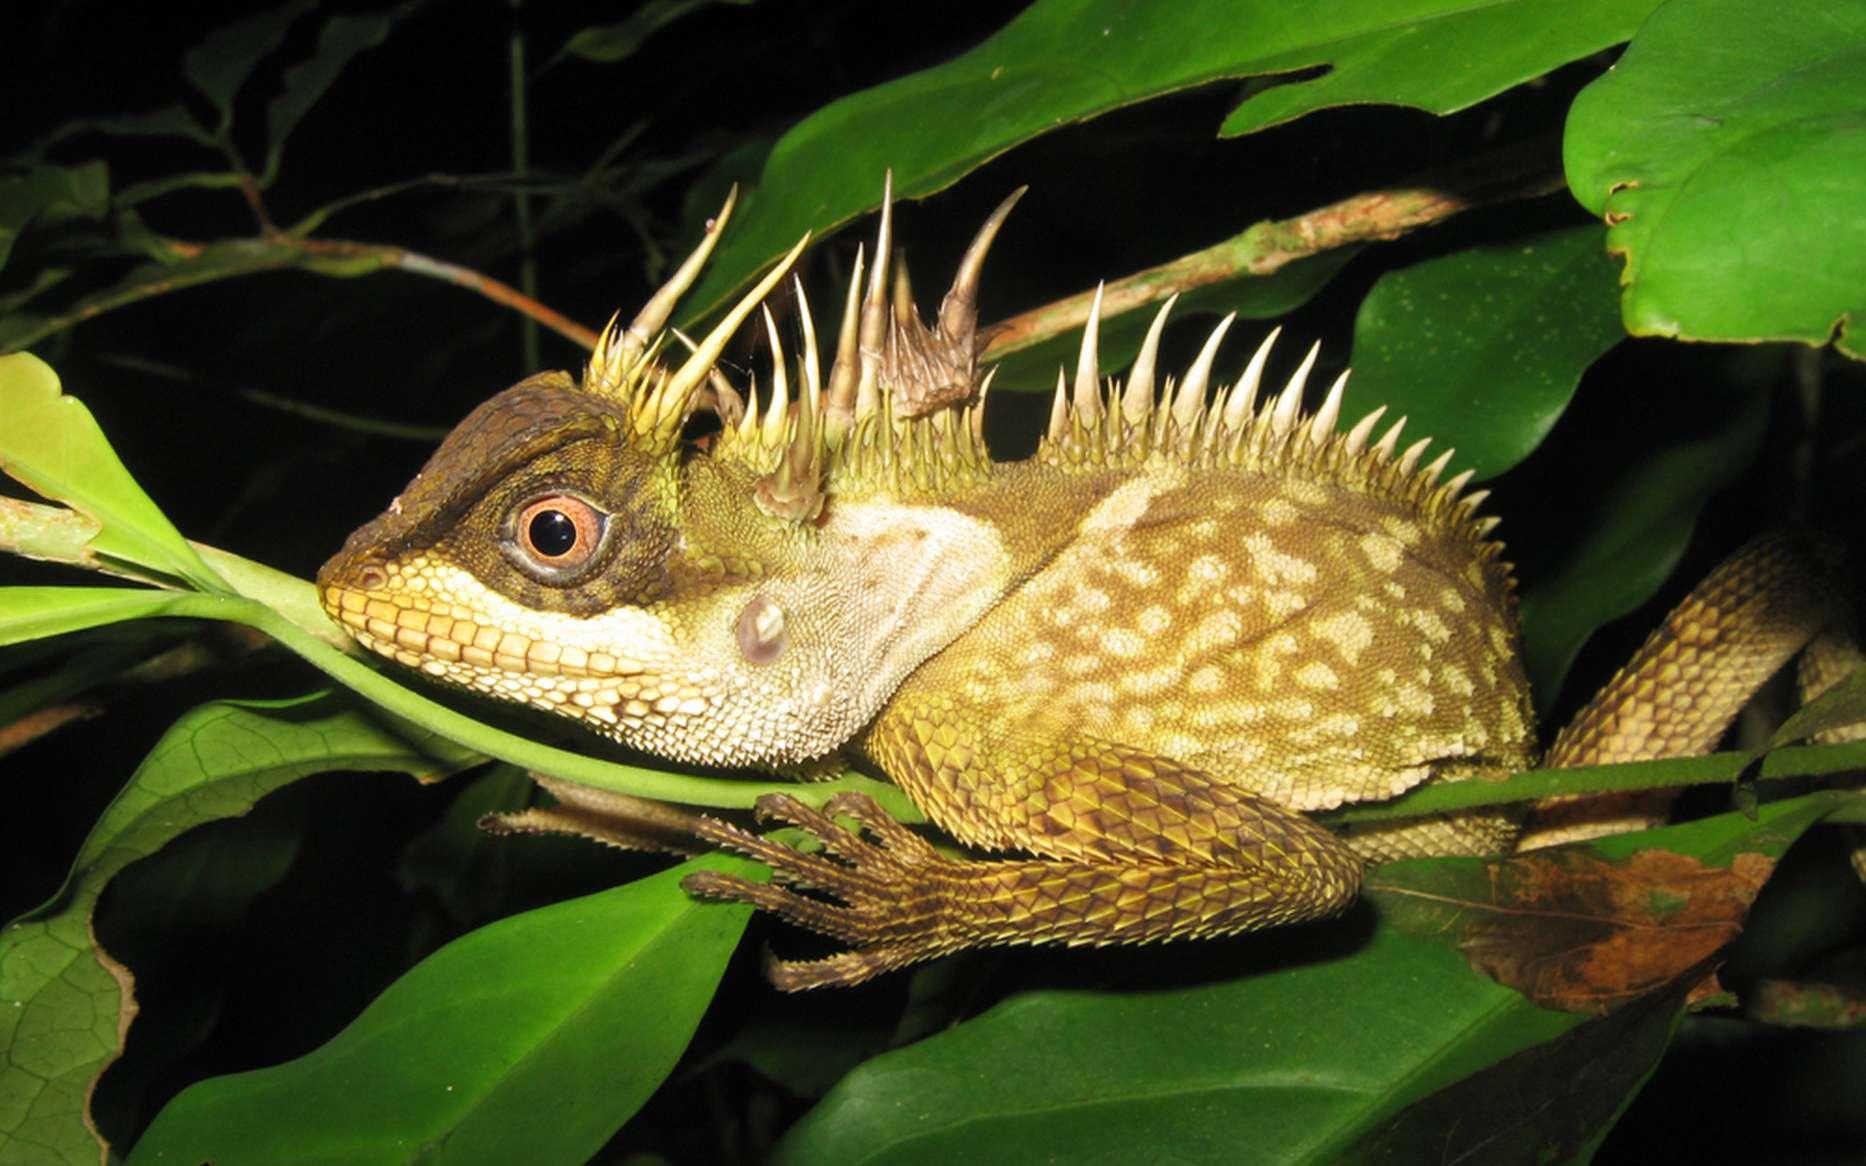 115 nouvelles espèces ont été découvertes dans le Grand Mékong. Ici, une nouvelle espèce de lézards baptisée Acanthosaura phuketensis, caractérisée par une crête d'épines, découverte sur l'île de Phuket, en Thaïlande. © WWF, Montri Sumontha